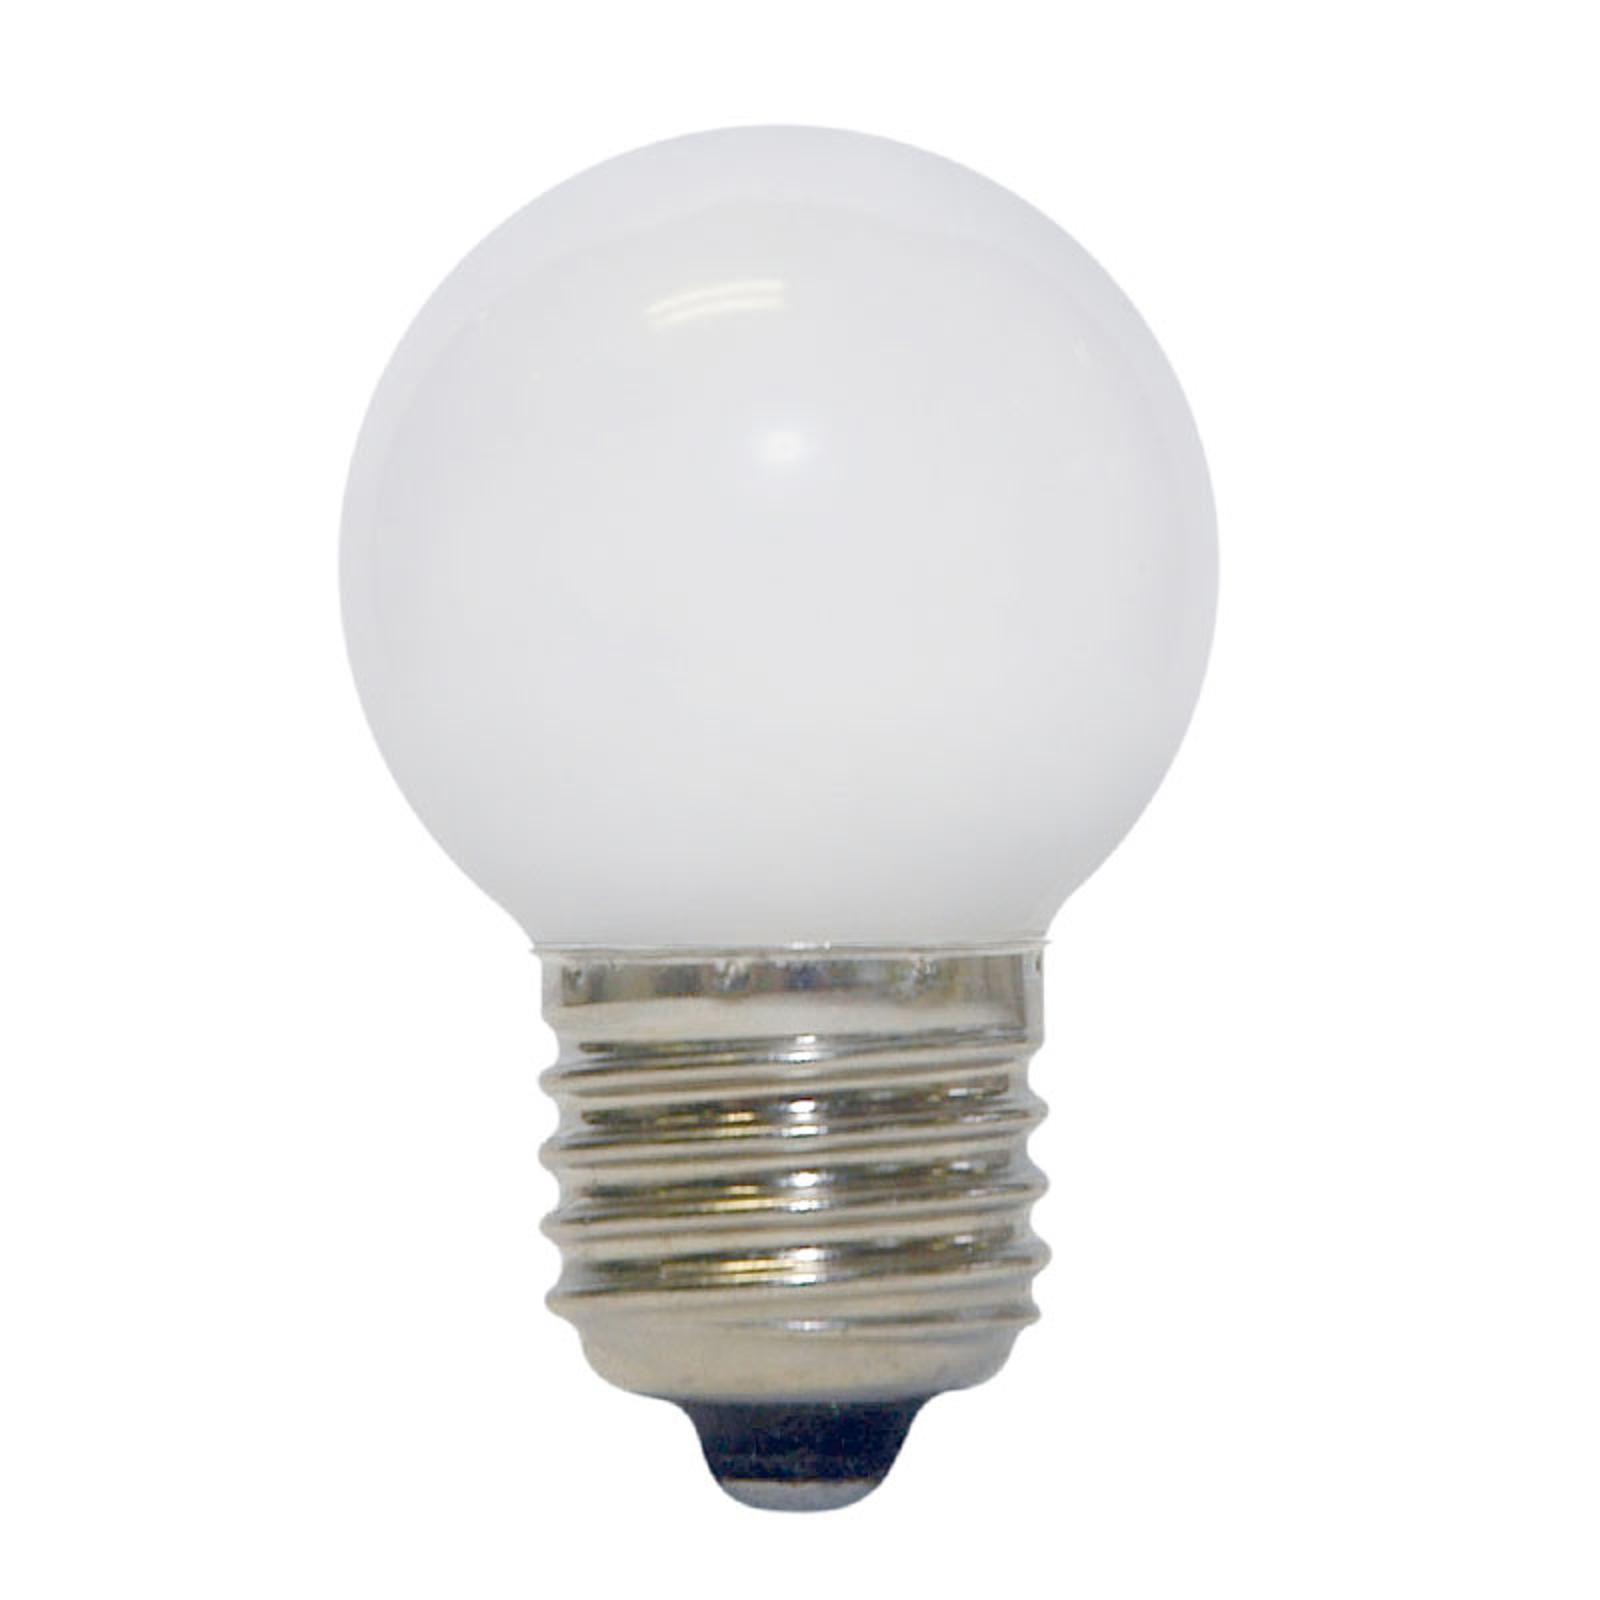 LED Golfball-pære 0,7 W dagslys matt